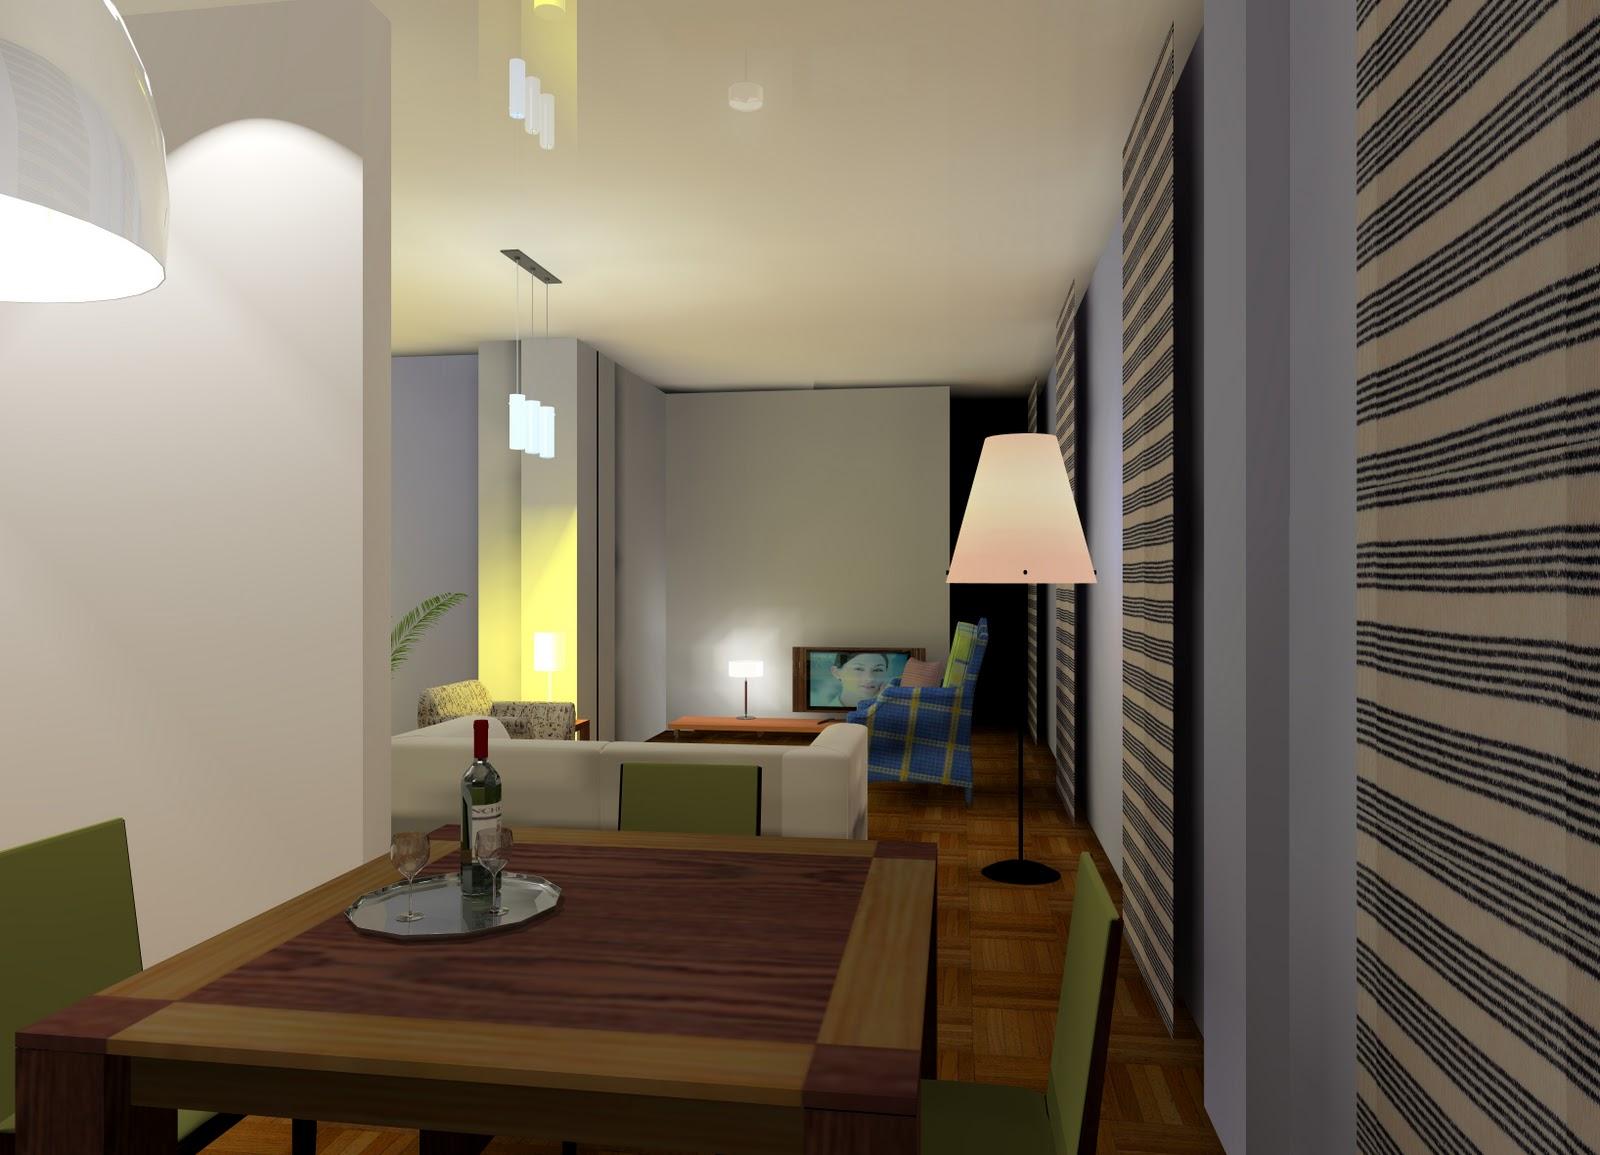 Architettare ovvero progettare casa online low cost una for Progettare una casa online